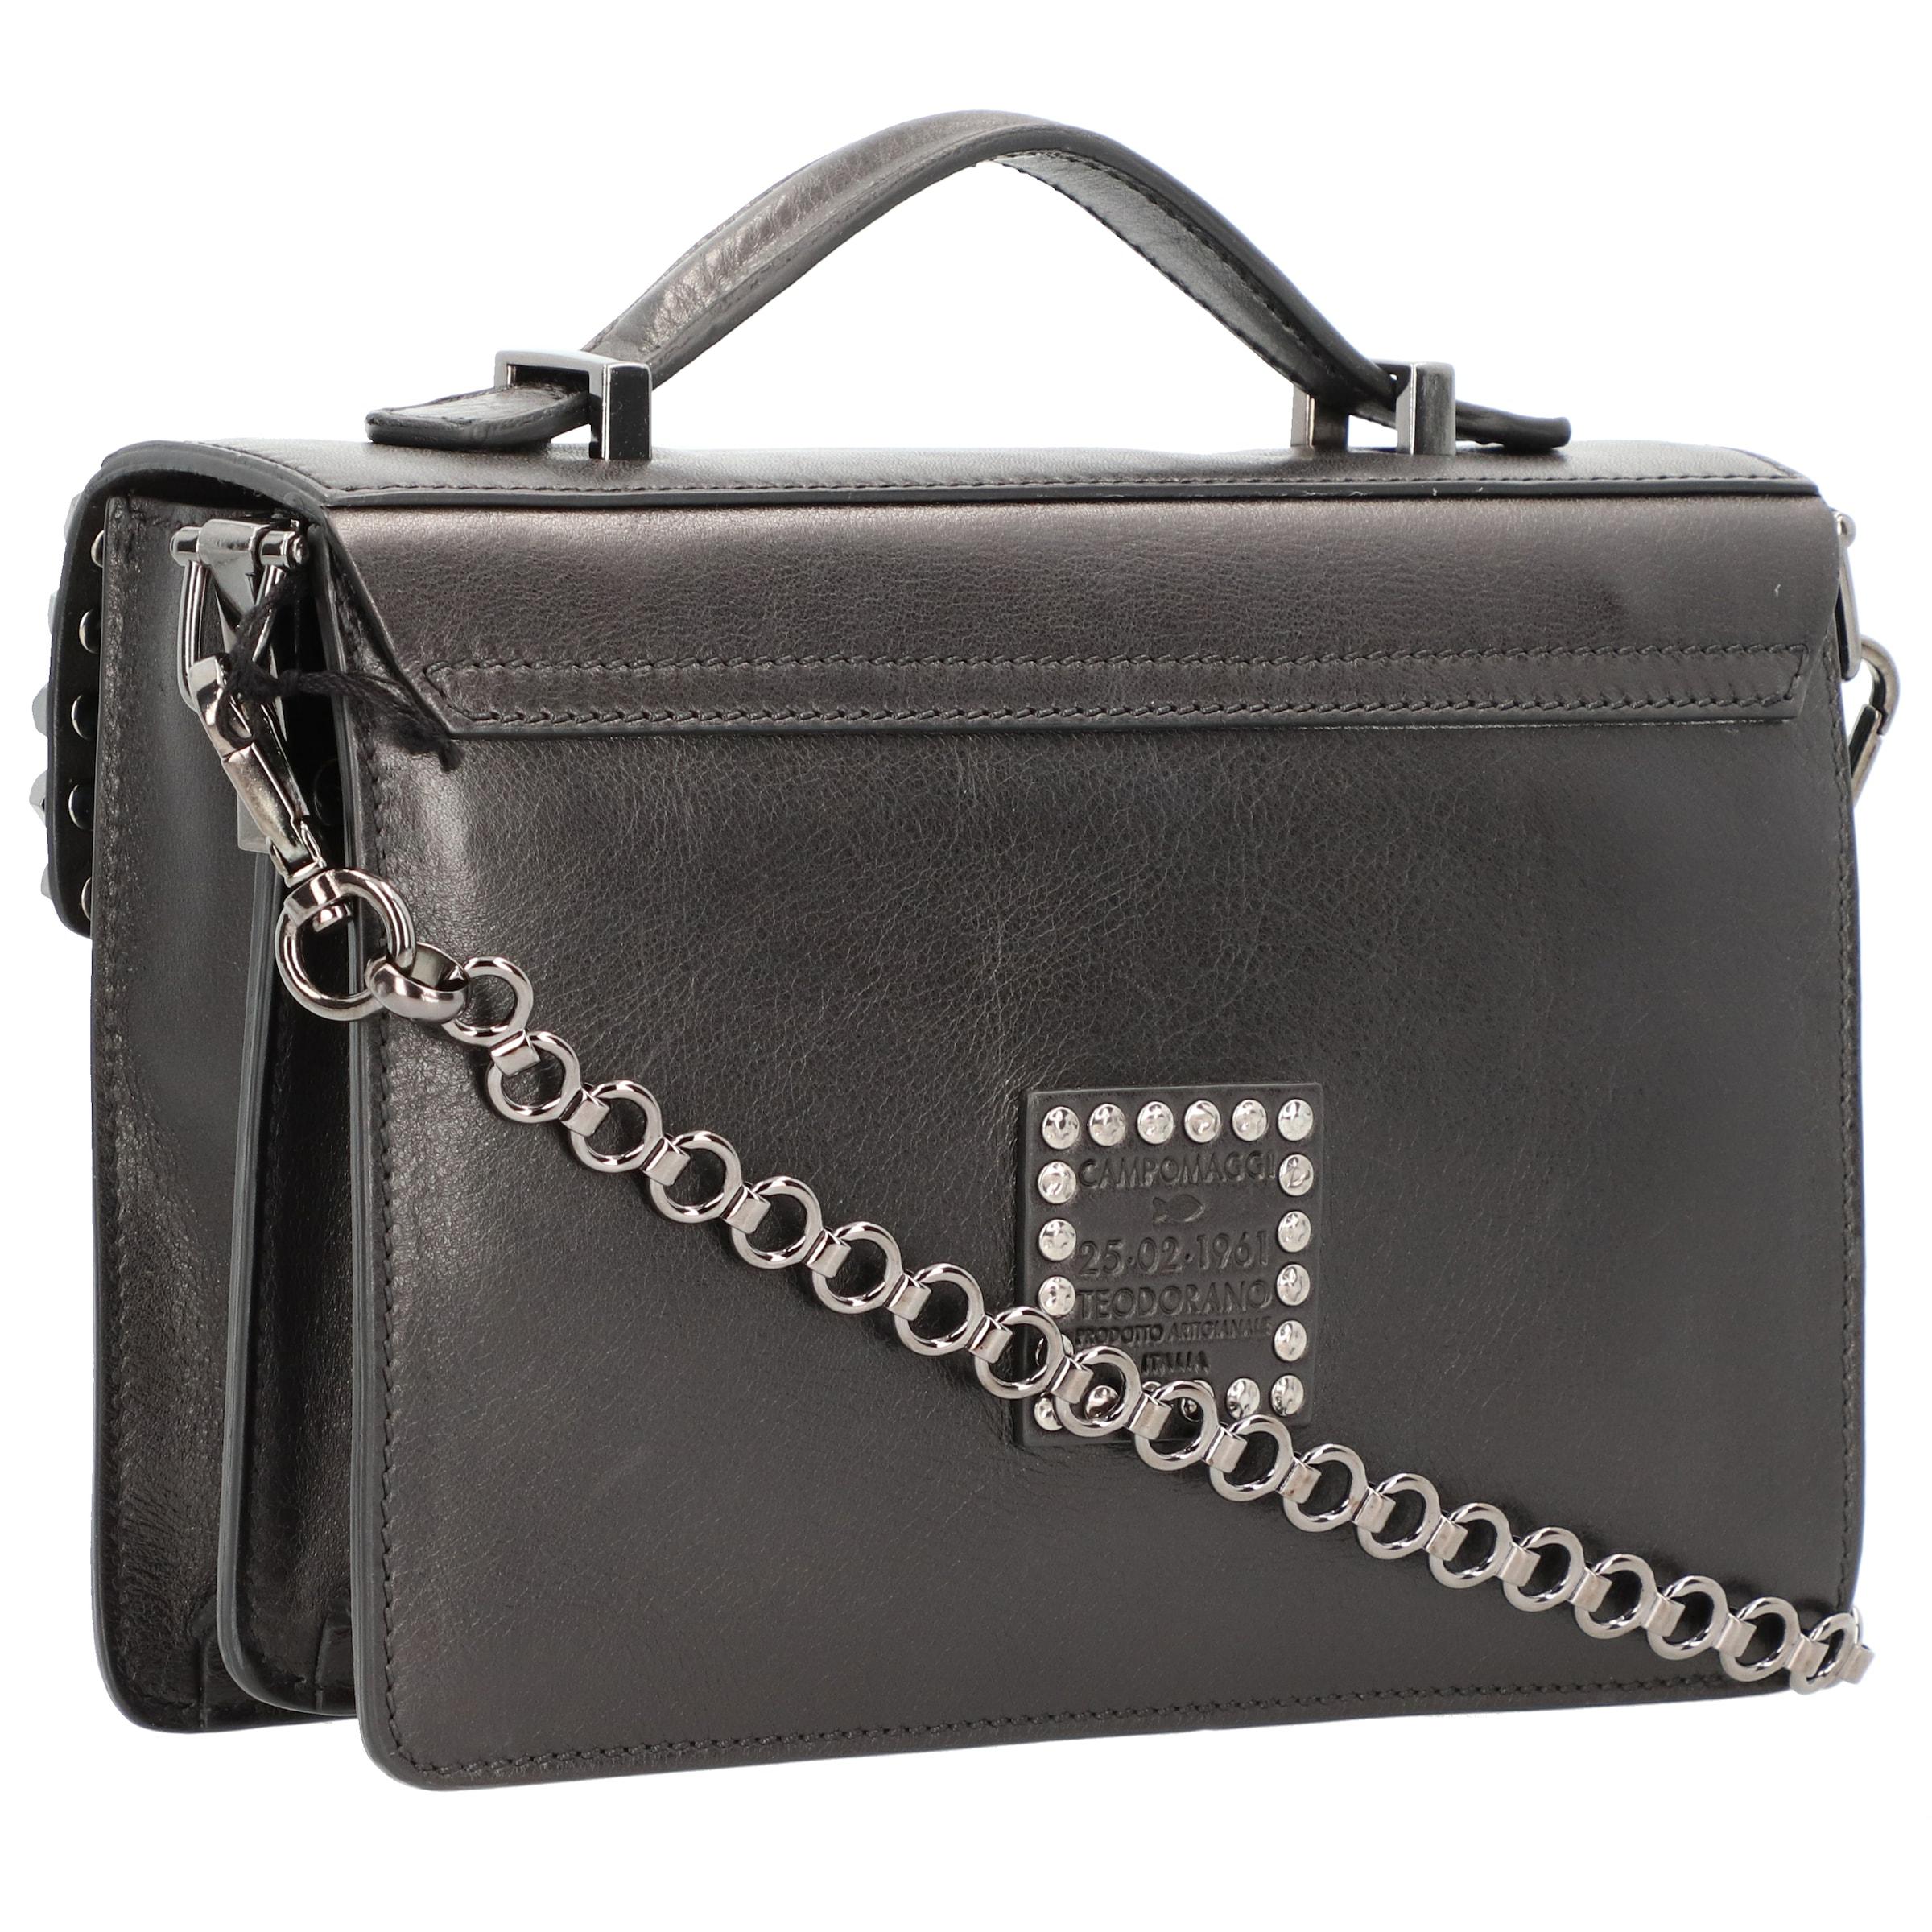 In Handtasche Campomaggi Handtasche In Schwarz Campomaggi Handtasche Schwarz Campomaggi iOZPkXu